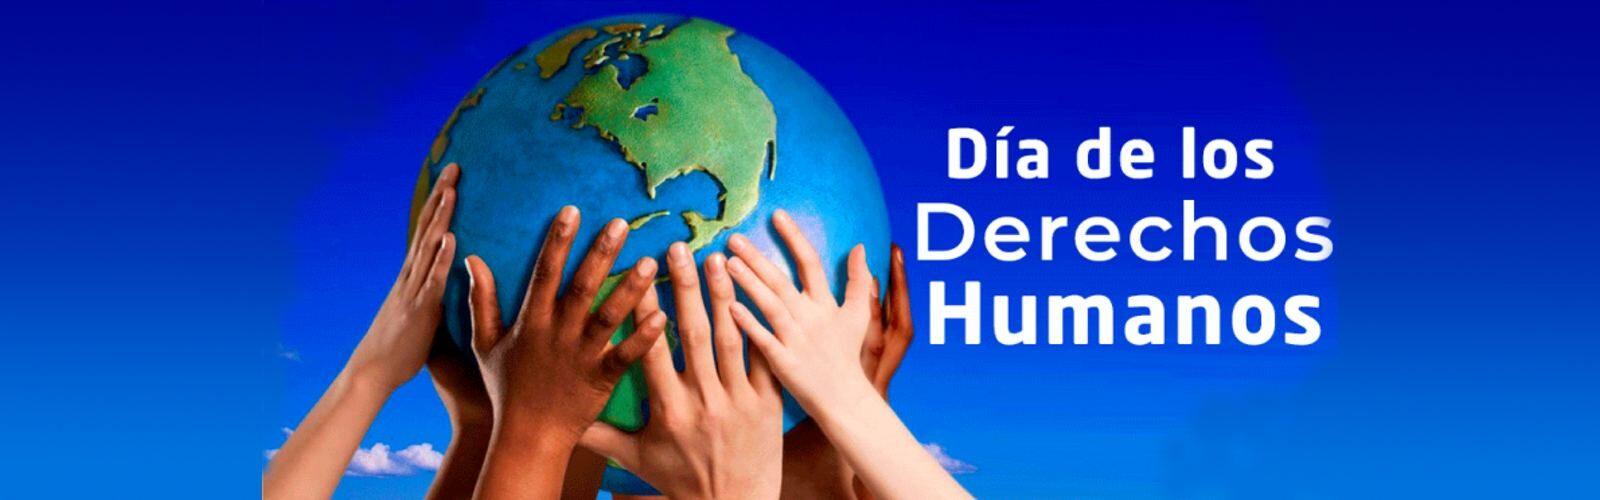 Día Internacional de los Derechos Humanos 2020